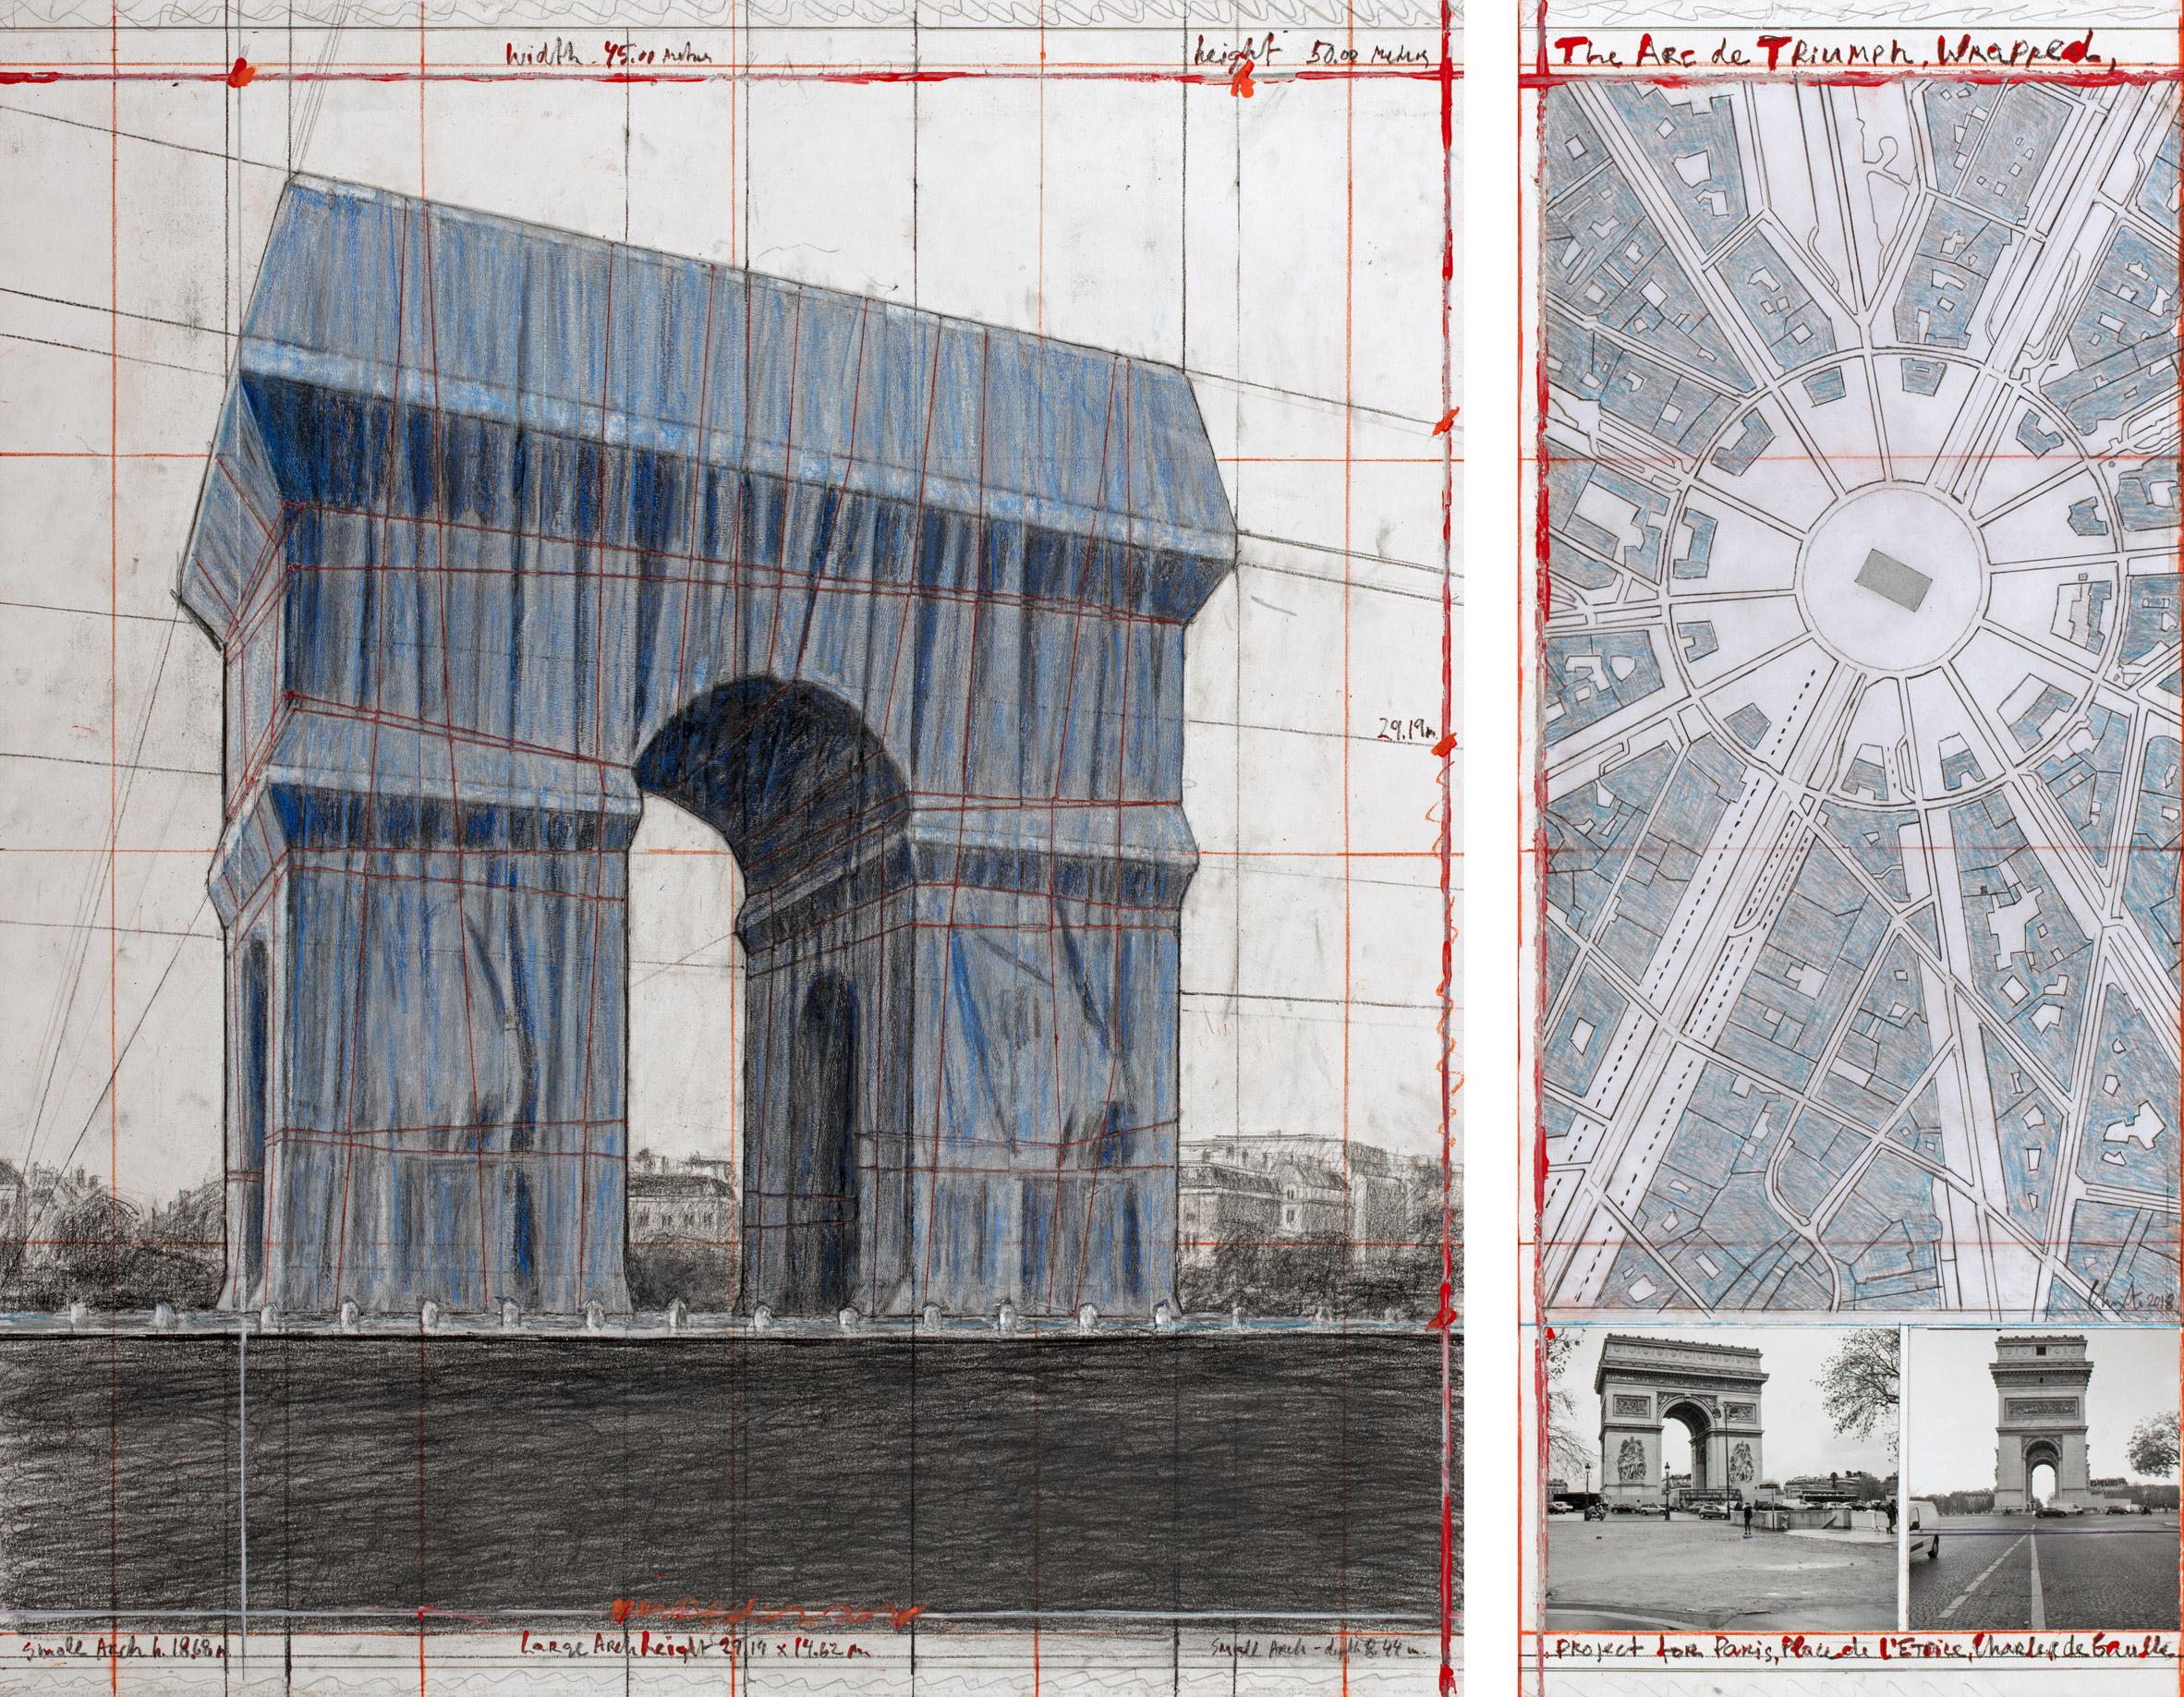 Christo and Jeanne-Claude, Arc de Triomphe, Wrapped, Parigi